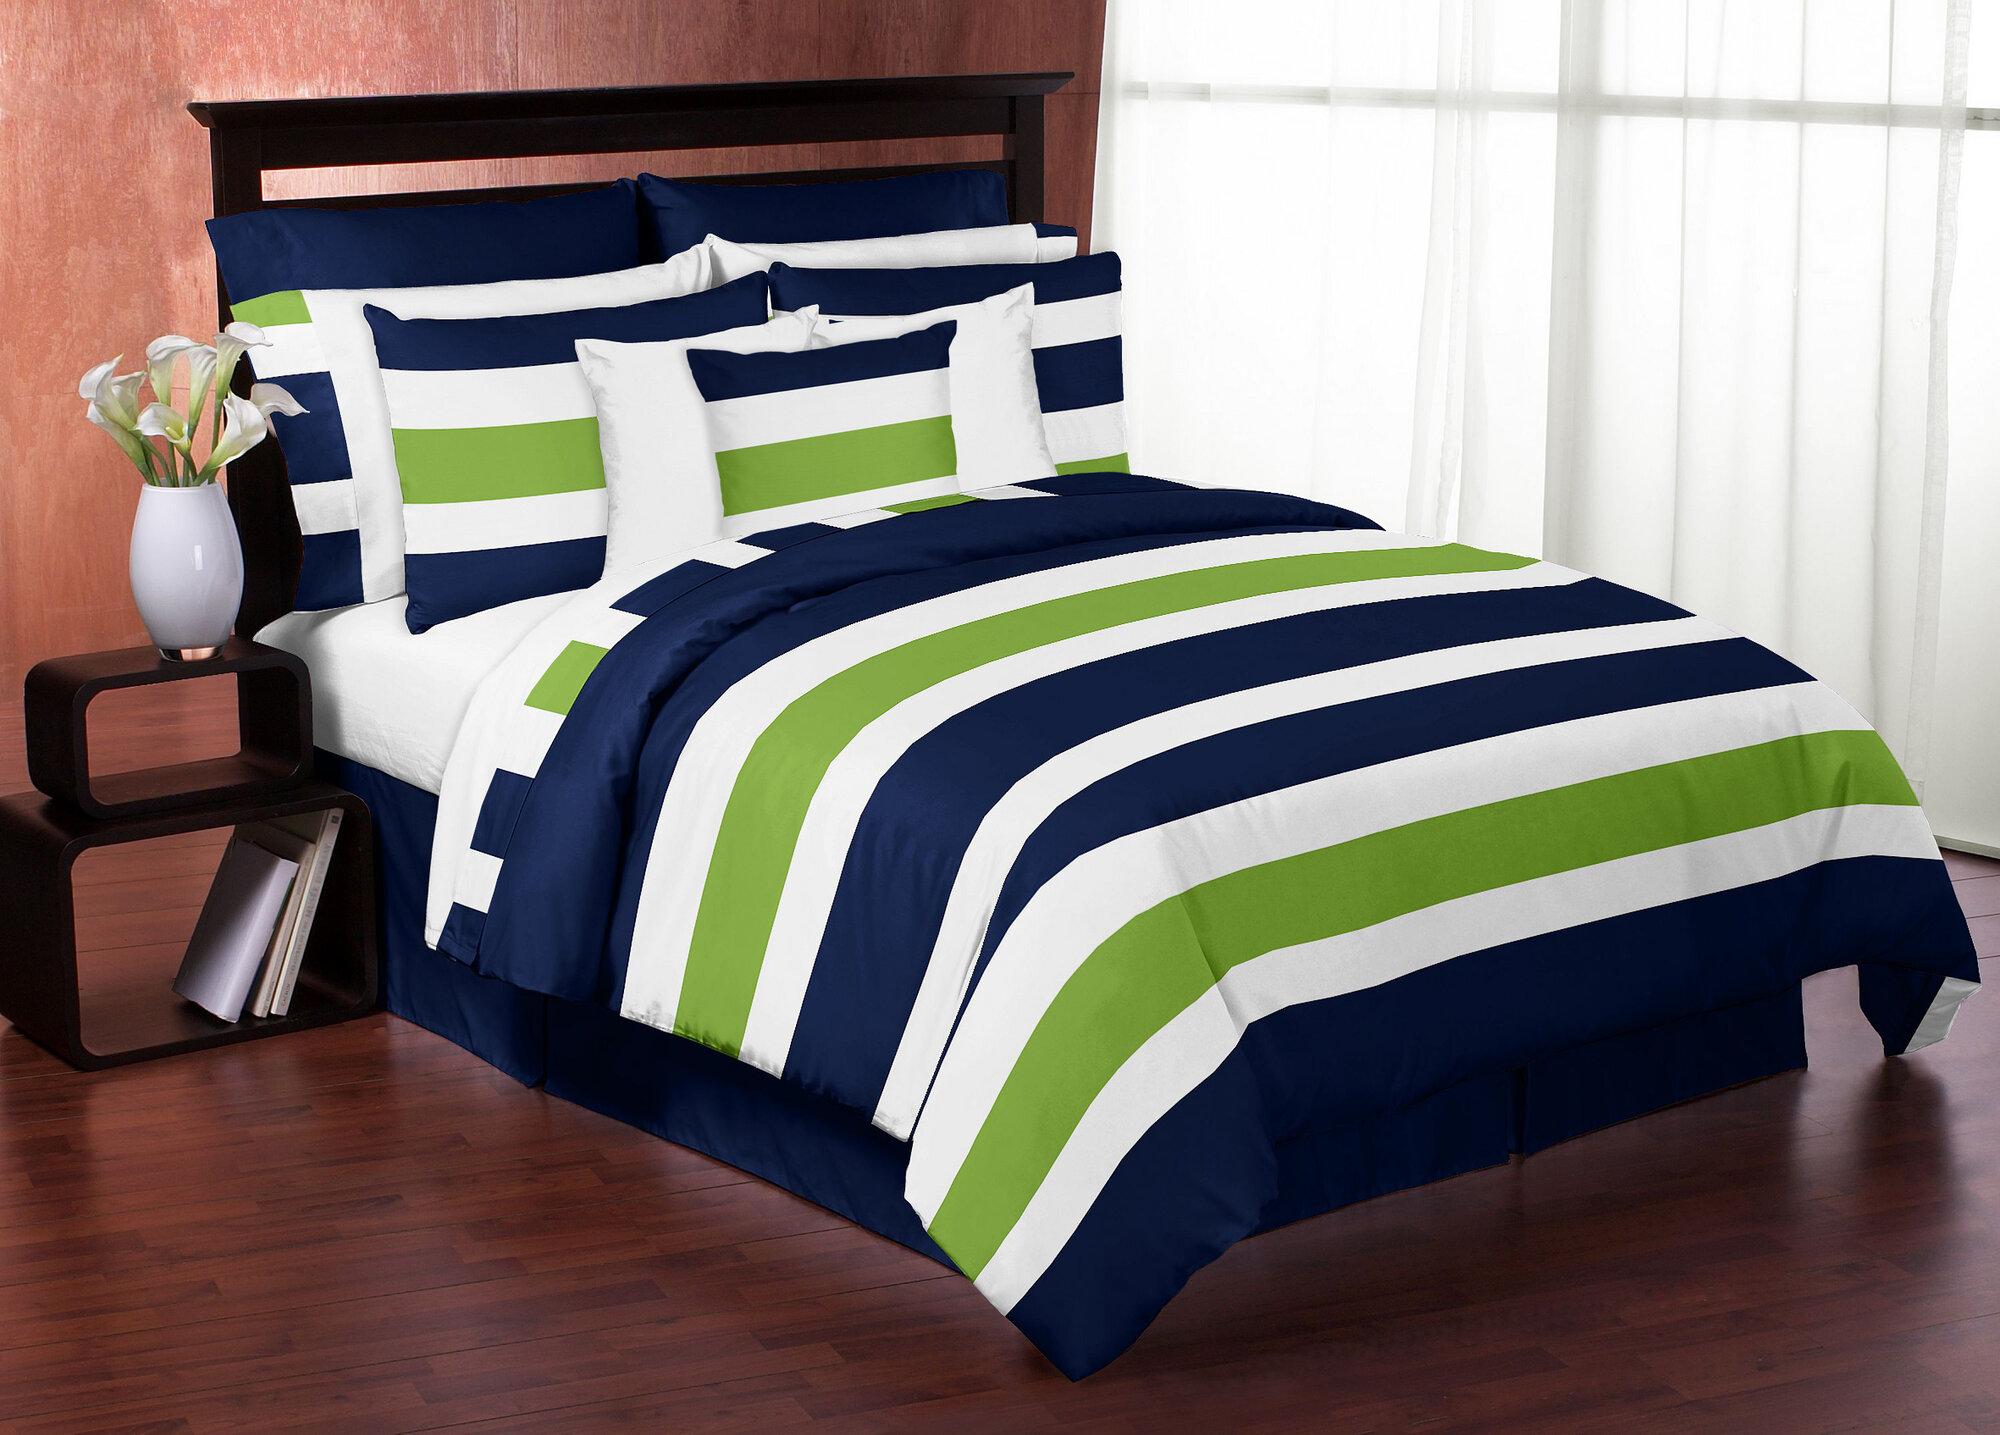 Modern bedding sets for teen boys - Bedroom sets for boys ...